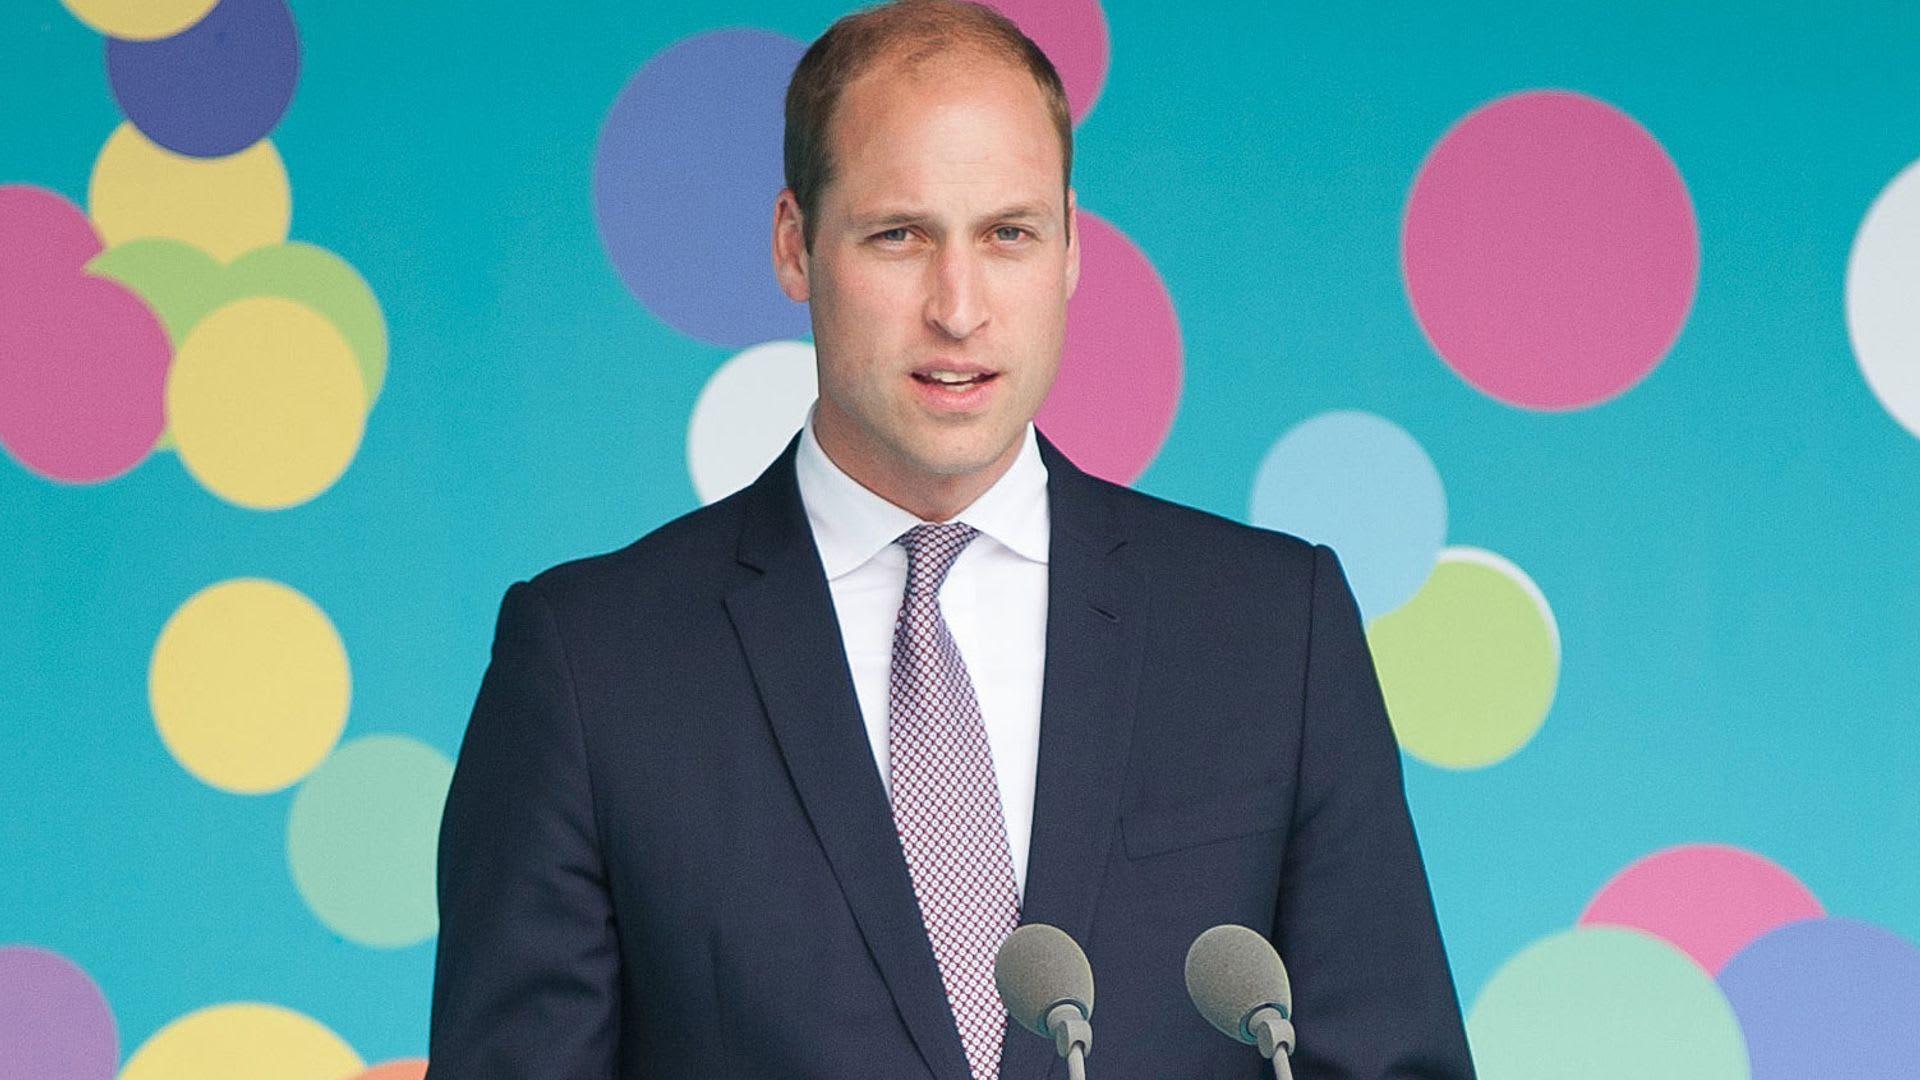 Principe William torna-se o primeiro membro da família real britânica a posar para capa de revista LGBTQA!